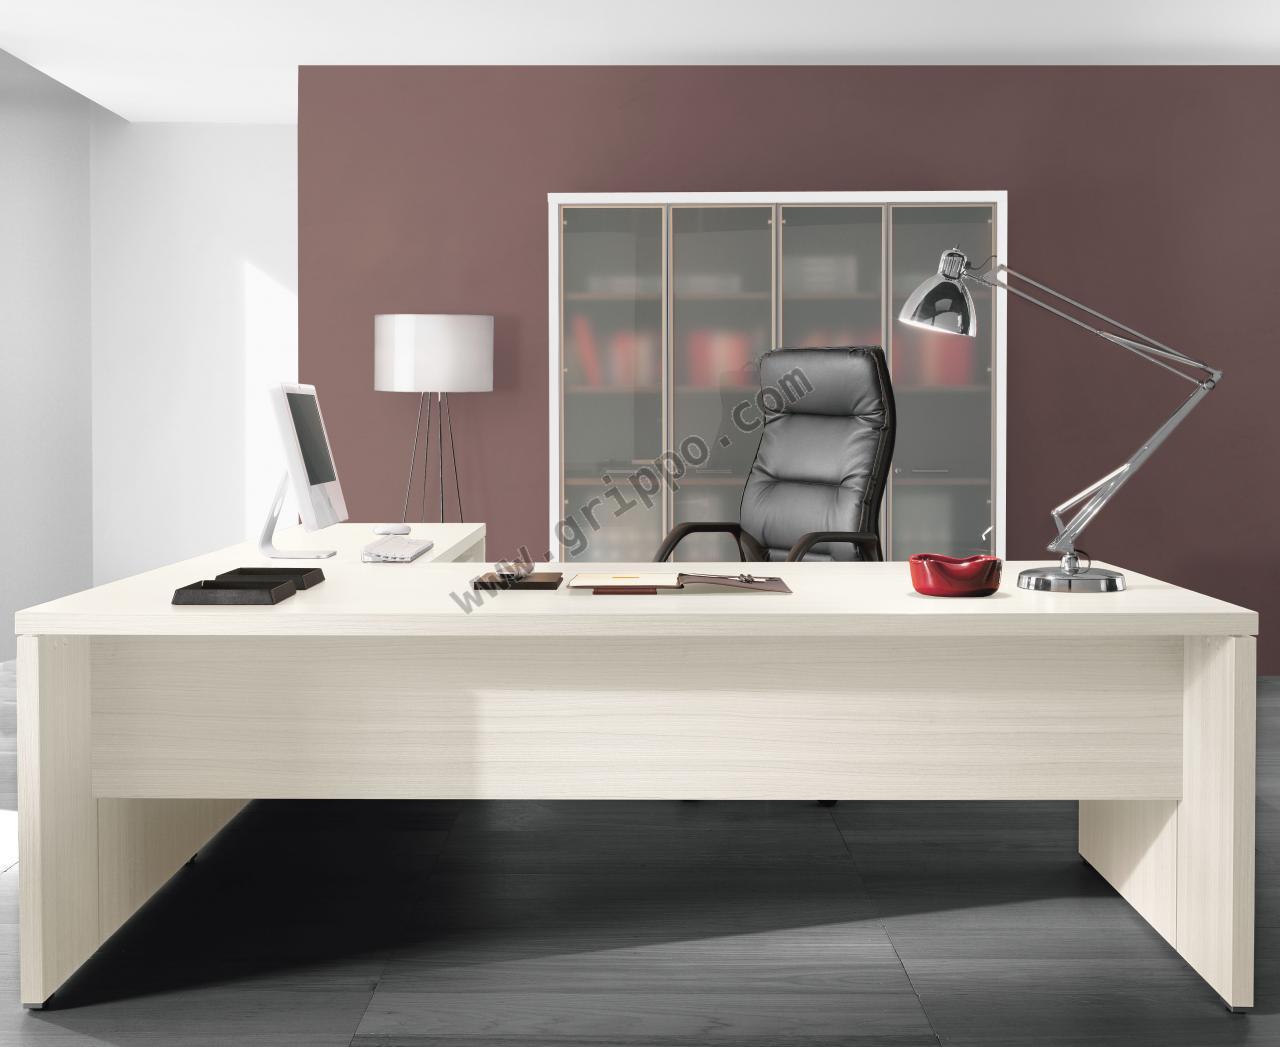 Muebles de oficina sillas sillones complementos dise o for Diseno de muebles para oficina